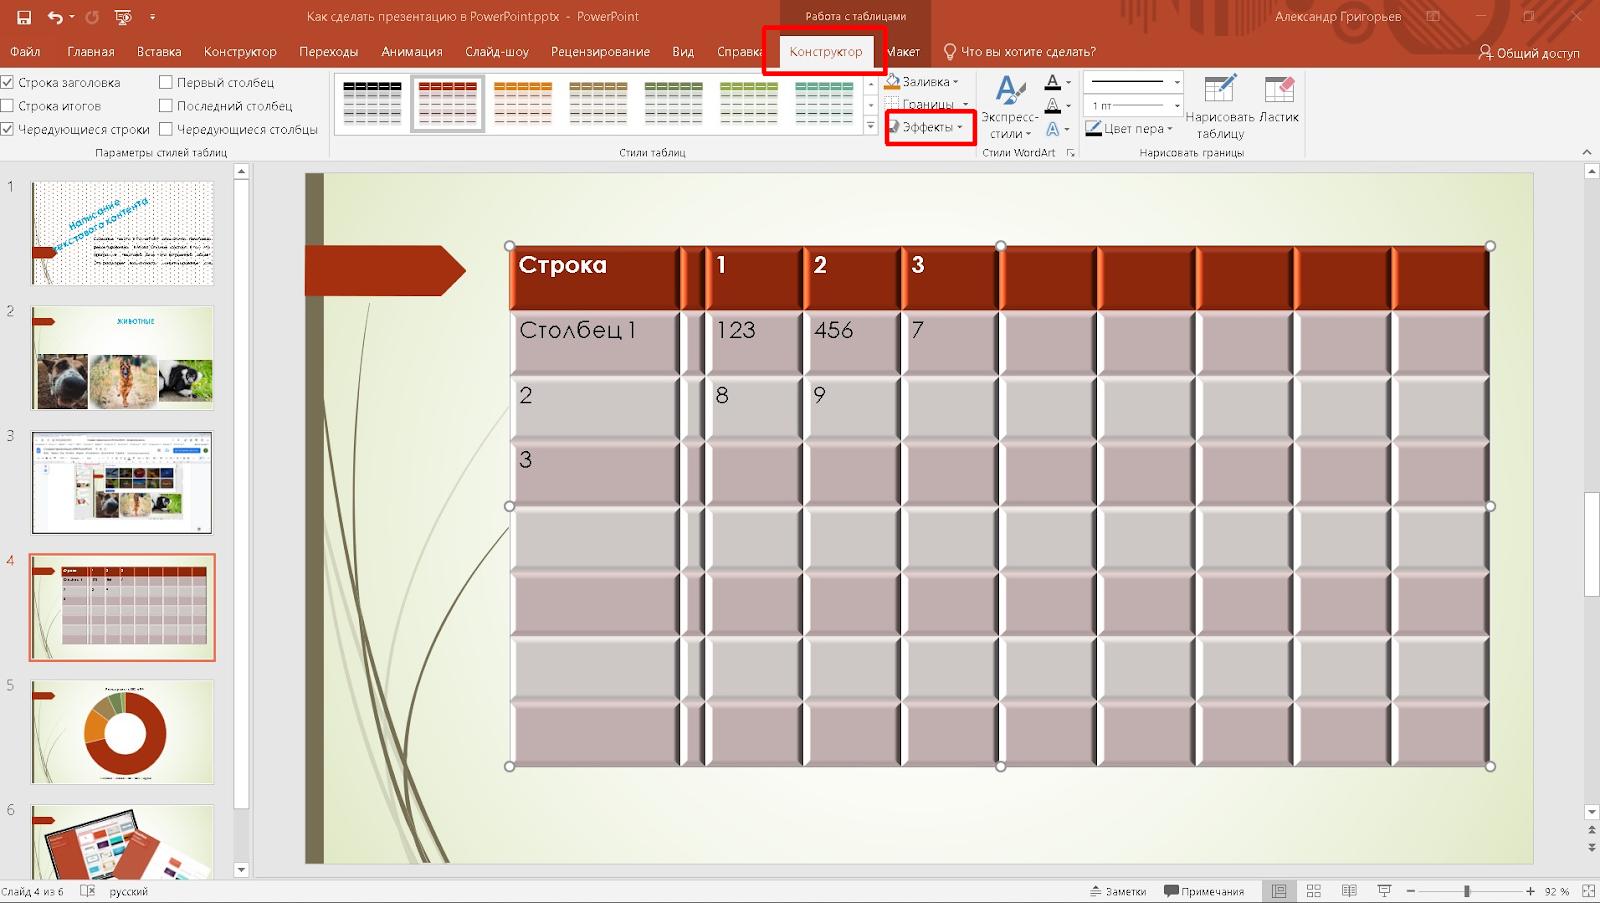 меняем дизайн таблицы в презентации